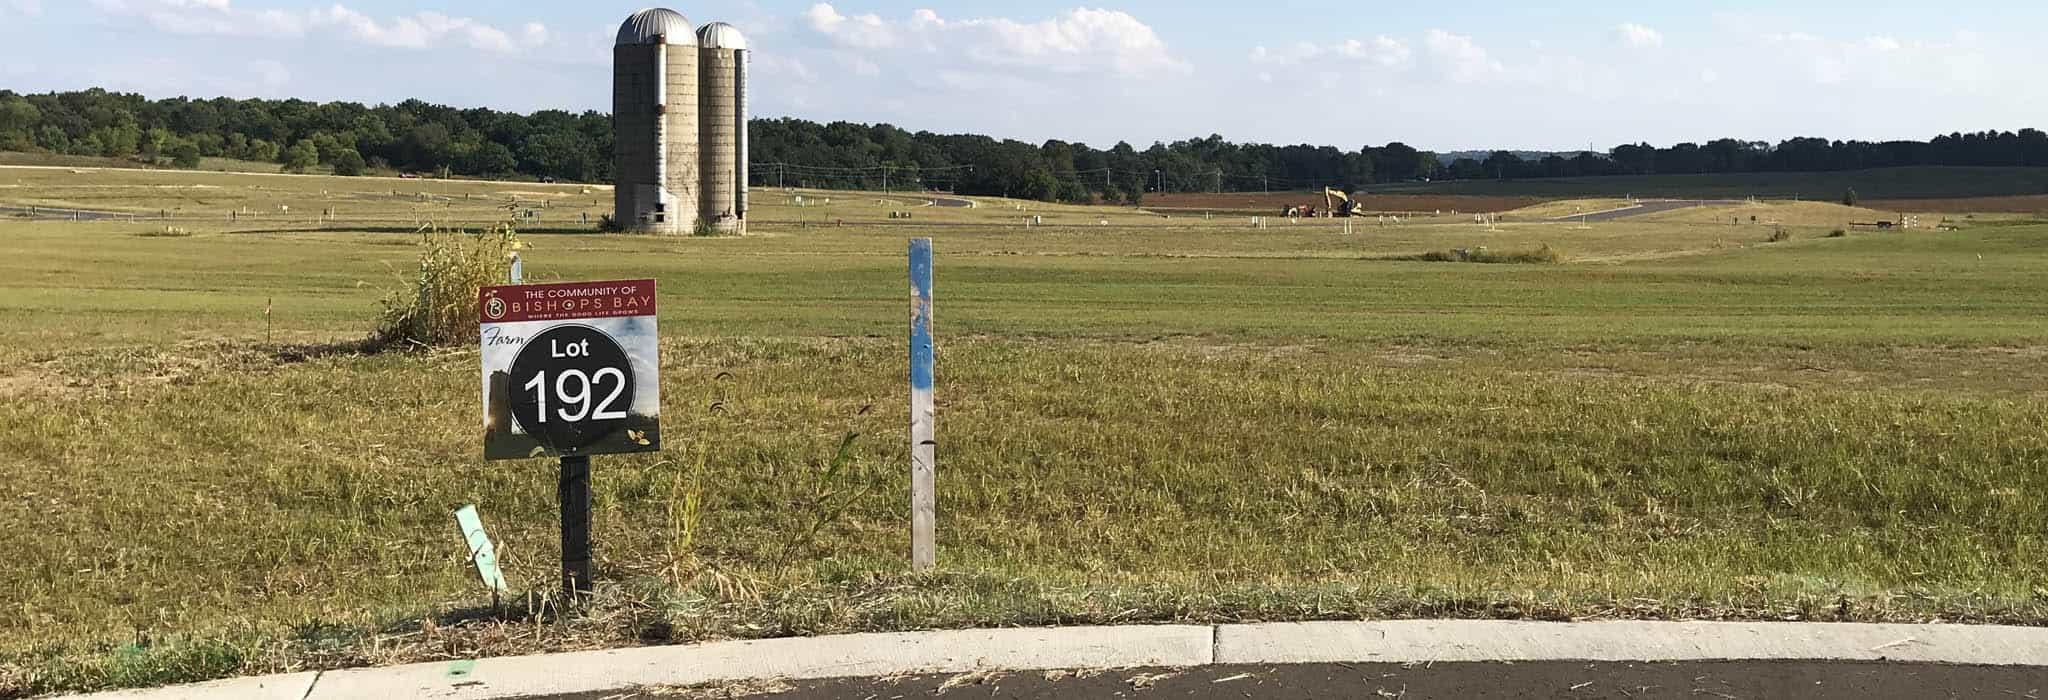 Farm Lot 192